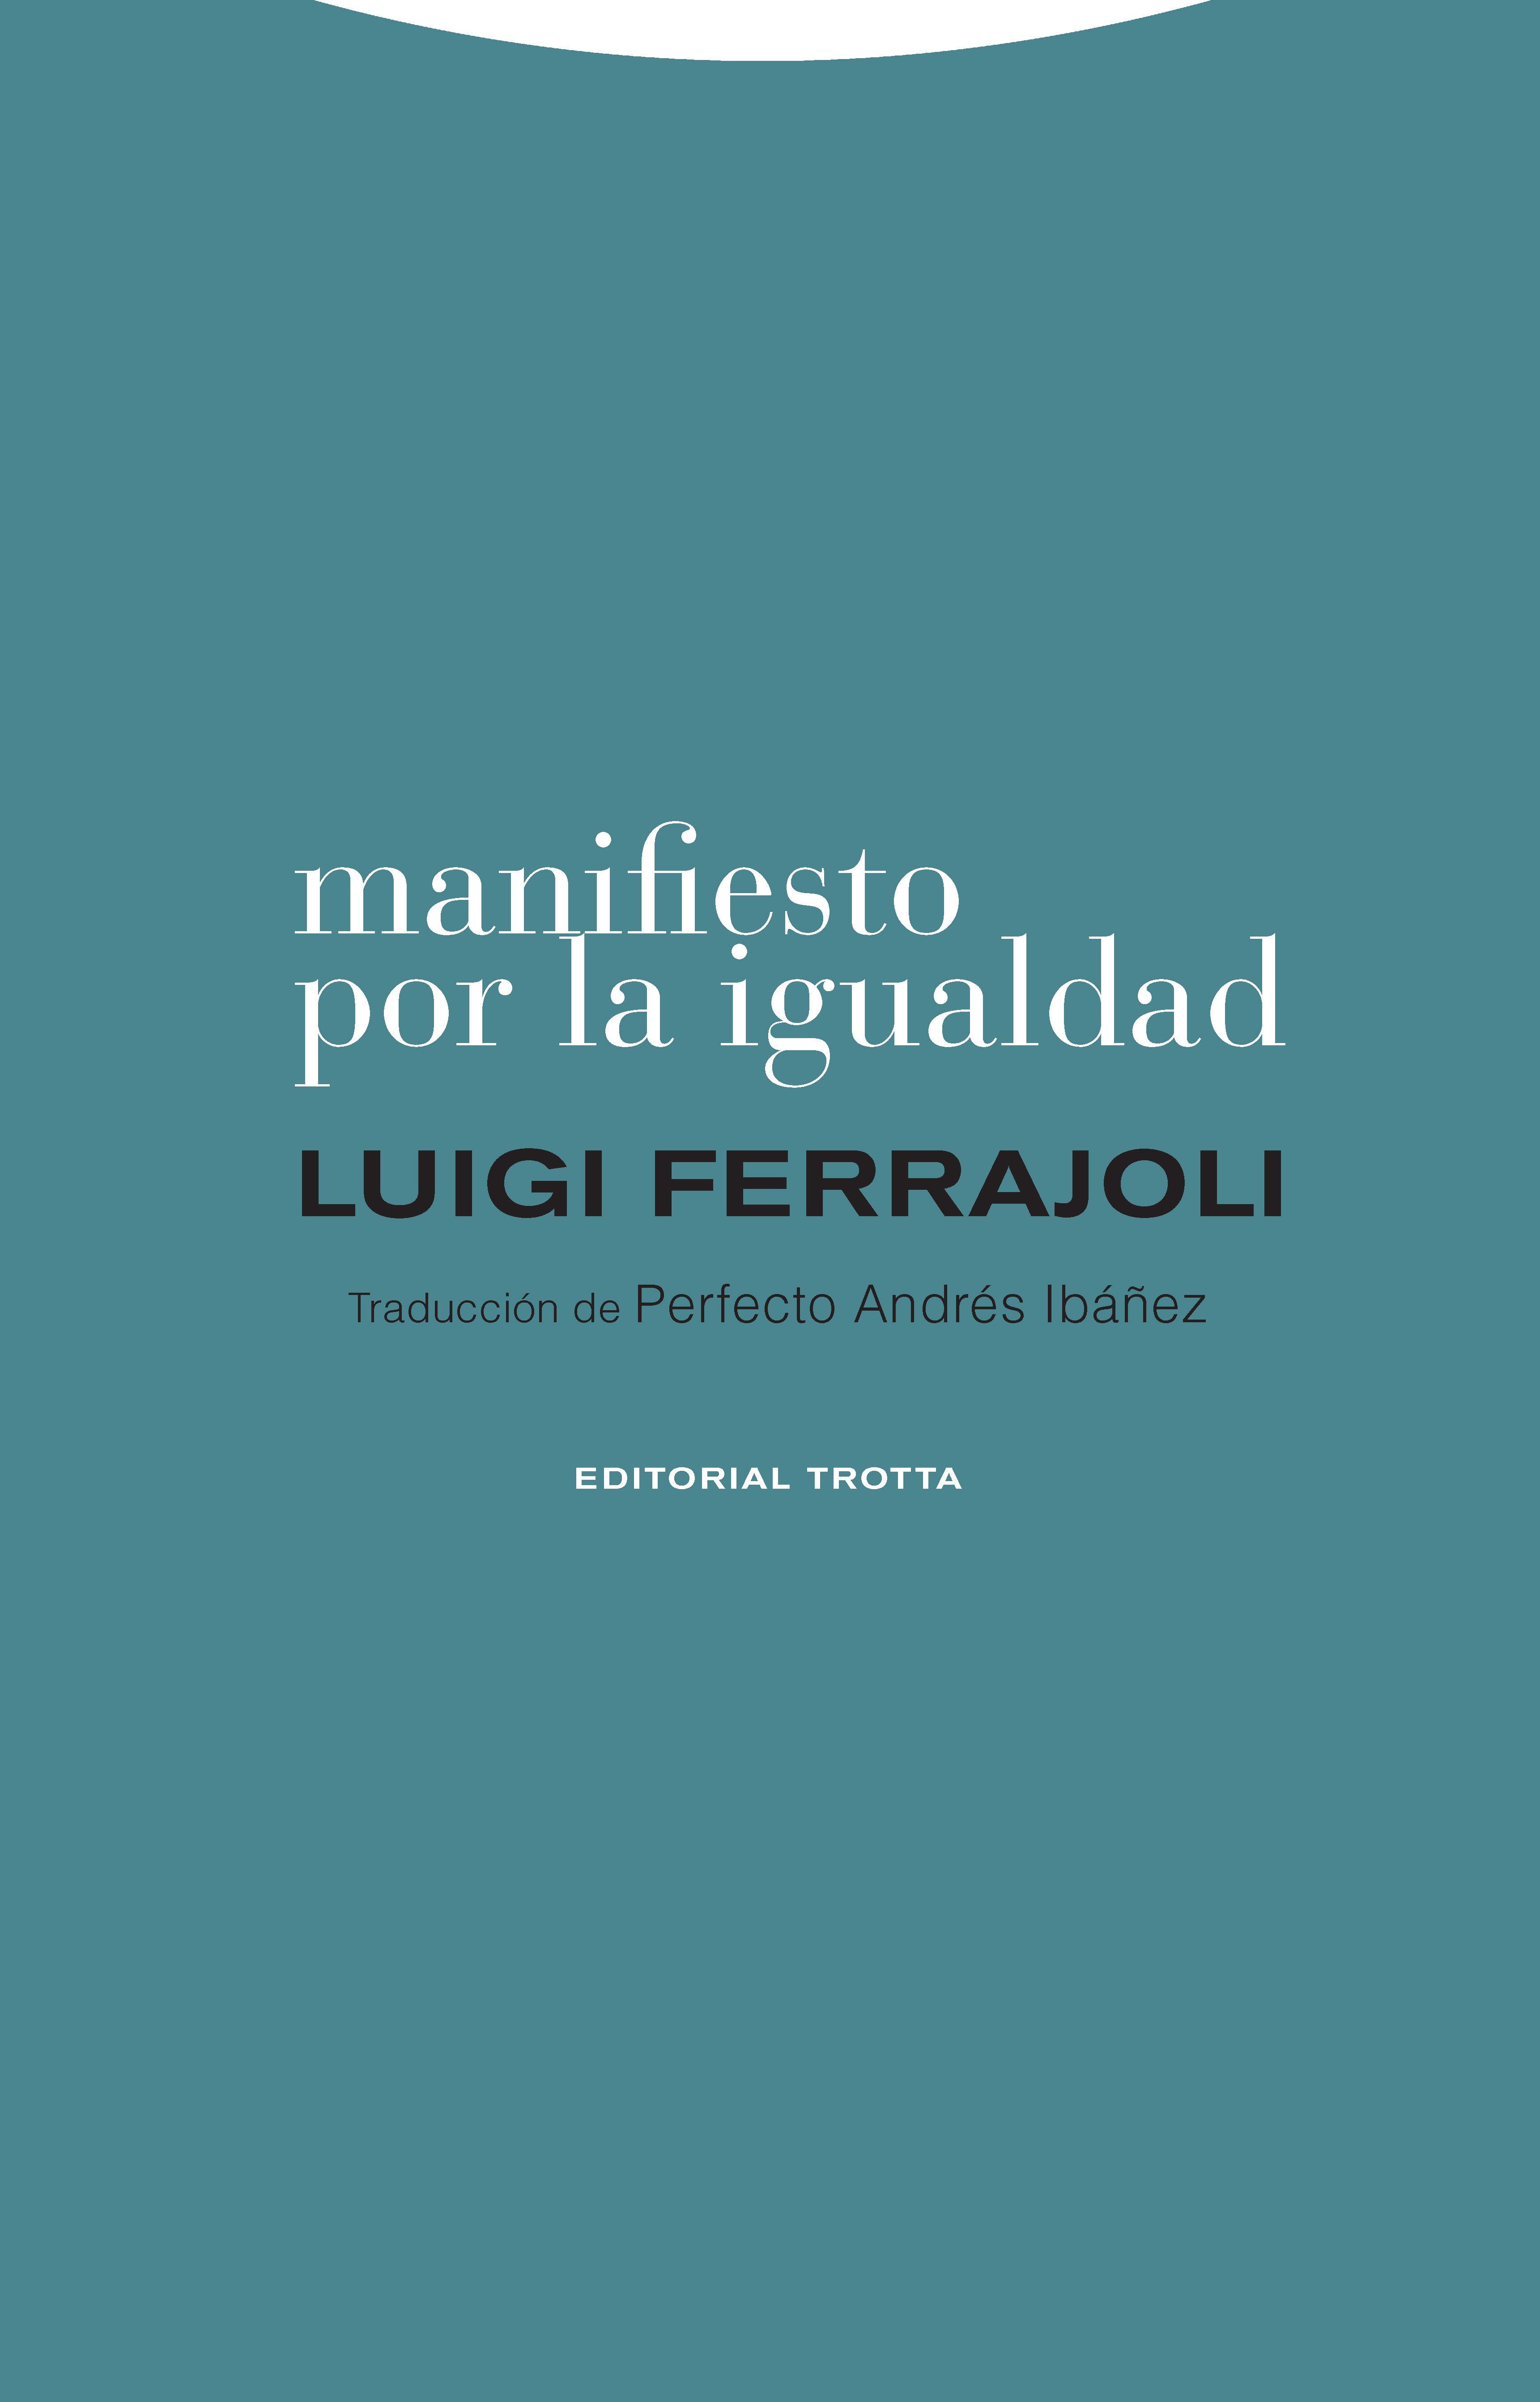 цены Luigi Ferrajoli Manifiesto por la igualdad